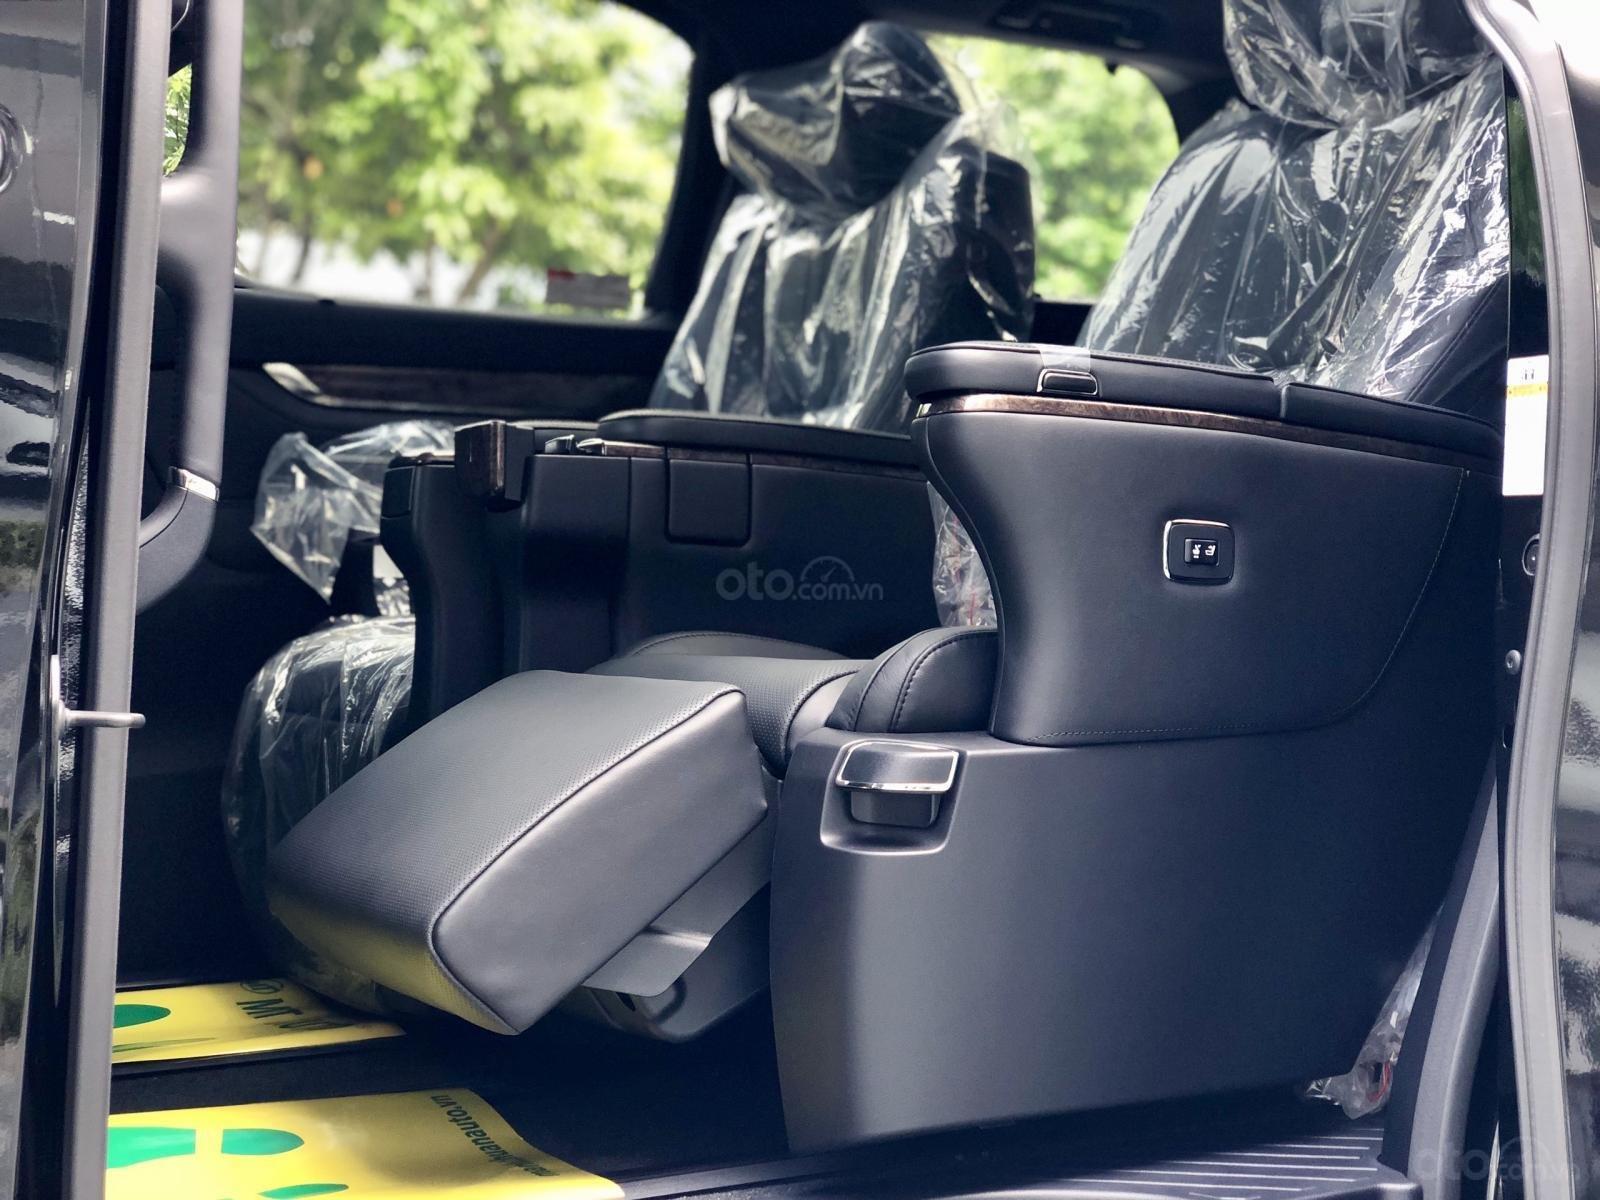 Giao ngay Toyota Alphard Excutive Lounge 2019, xe mới có sẵn ở showroom, LH Ms. Hương 094.539.2468 (20)